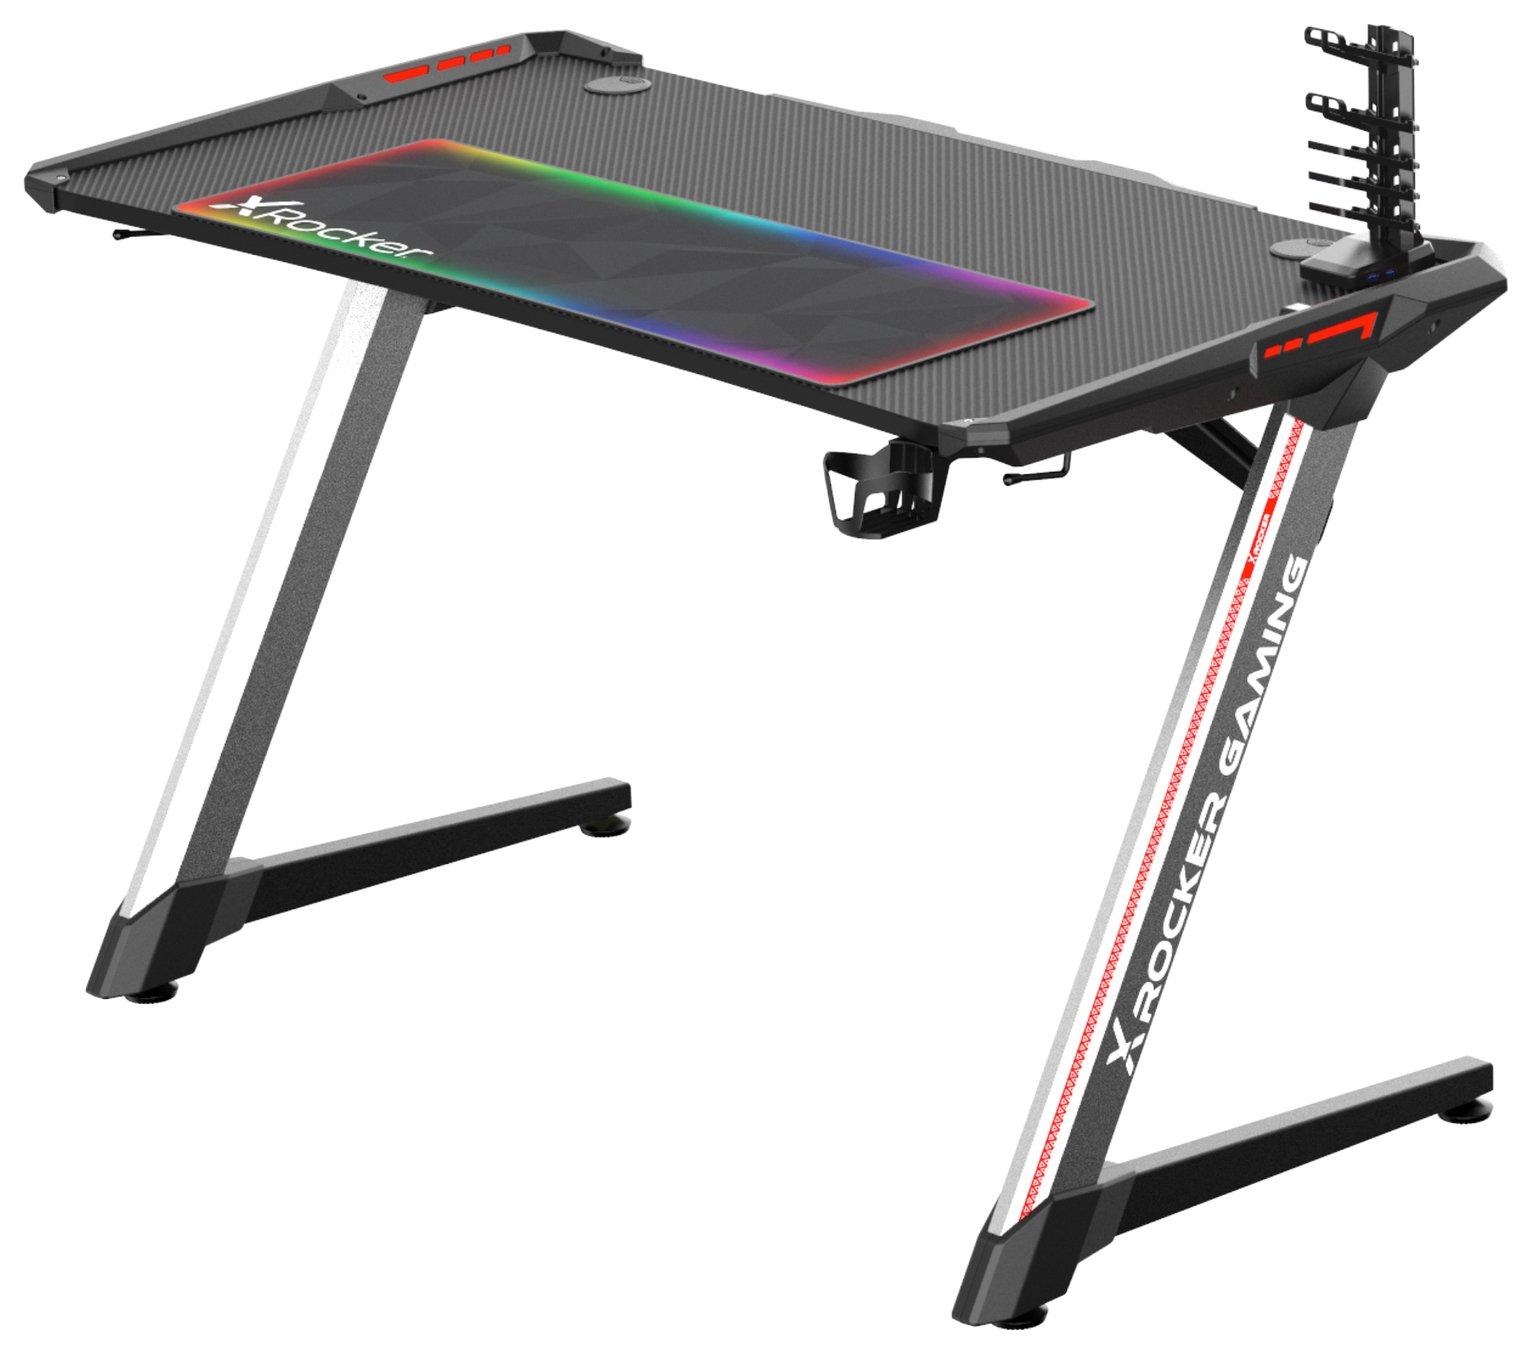 X Rocker Lynx Full Colour LED Gaming Desk - Black & Silver